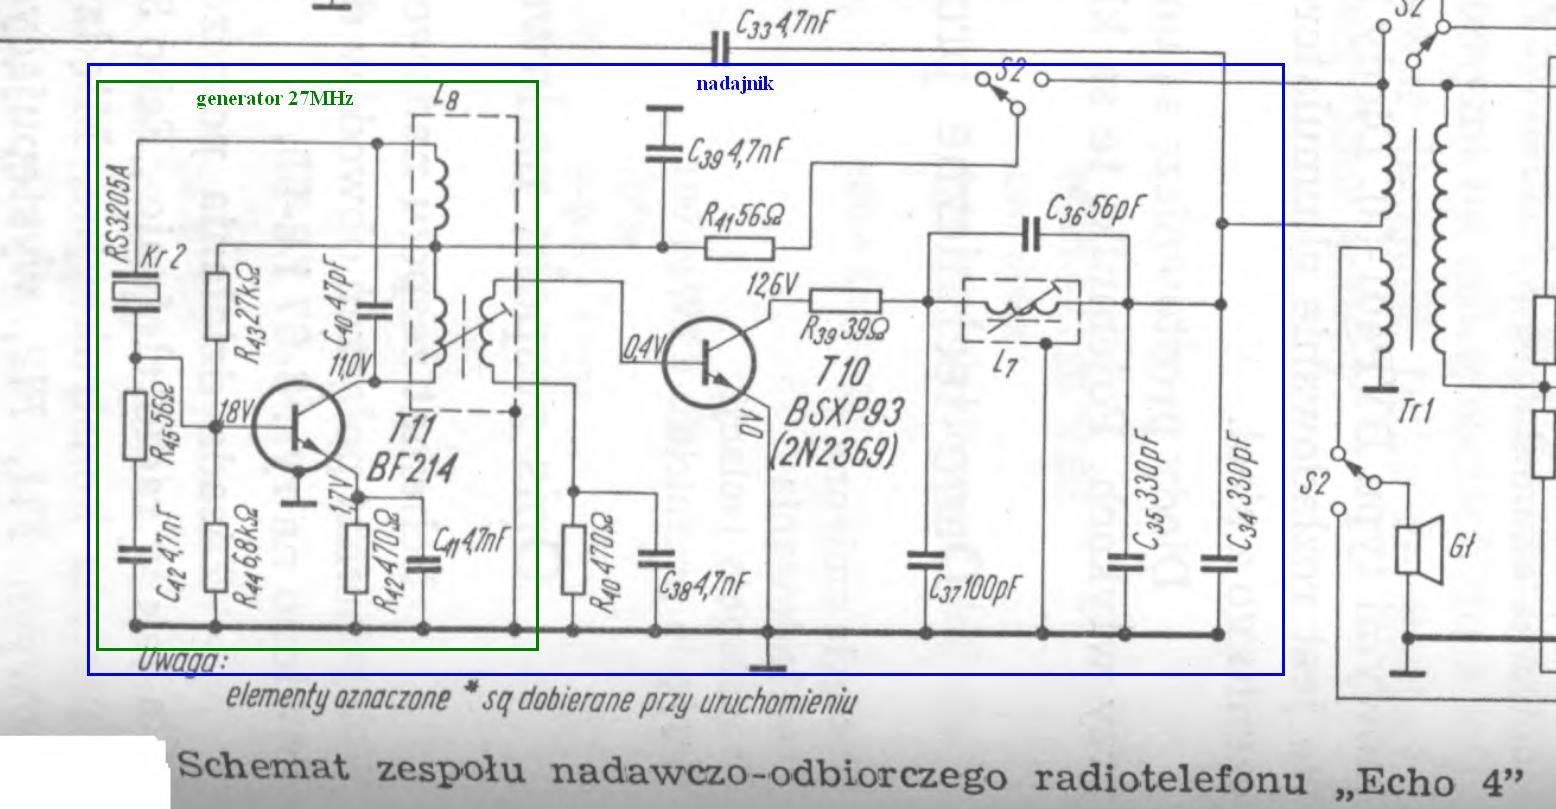 Nadajnik 27 MHz - Jak zbudowa�?